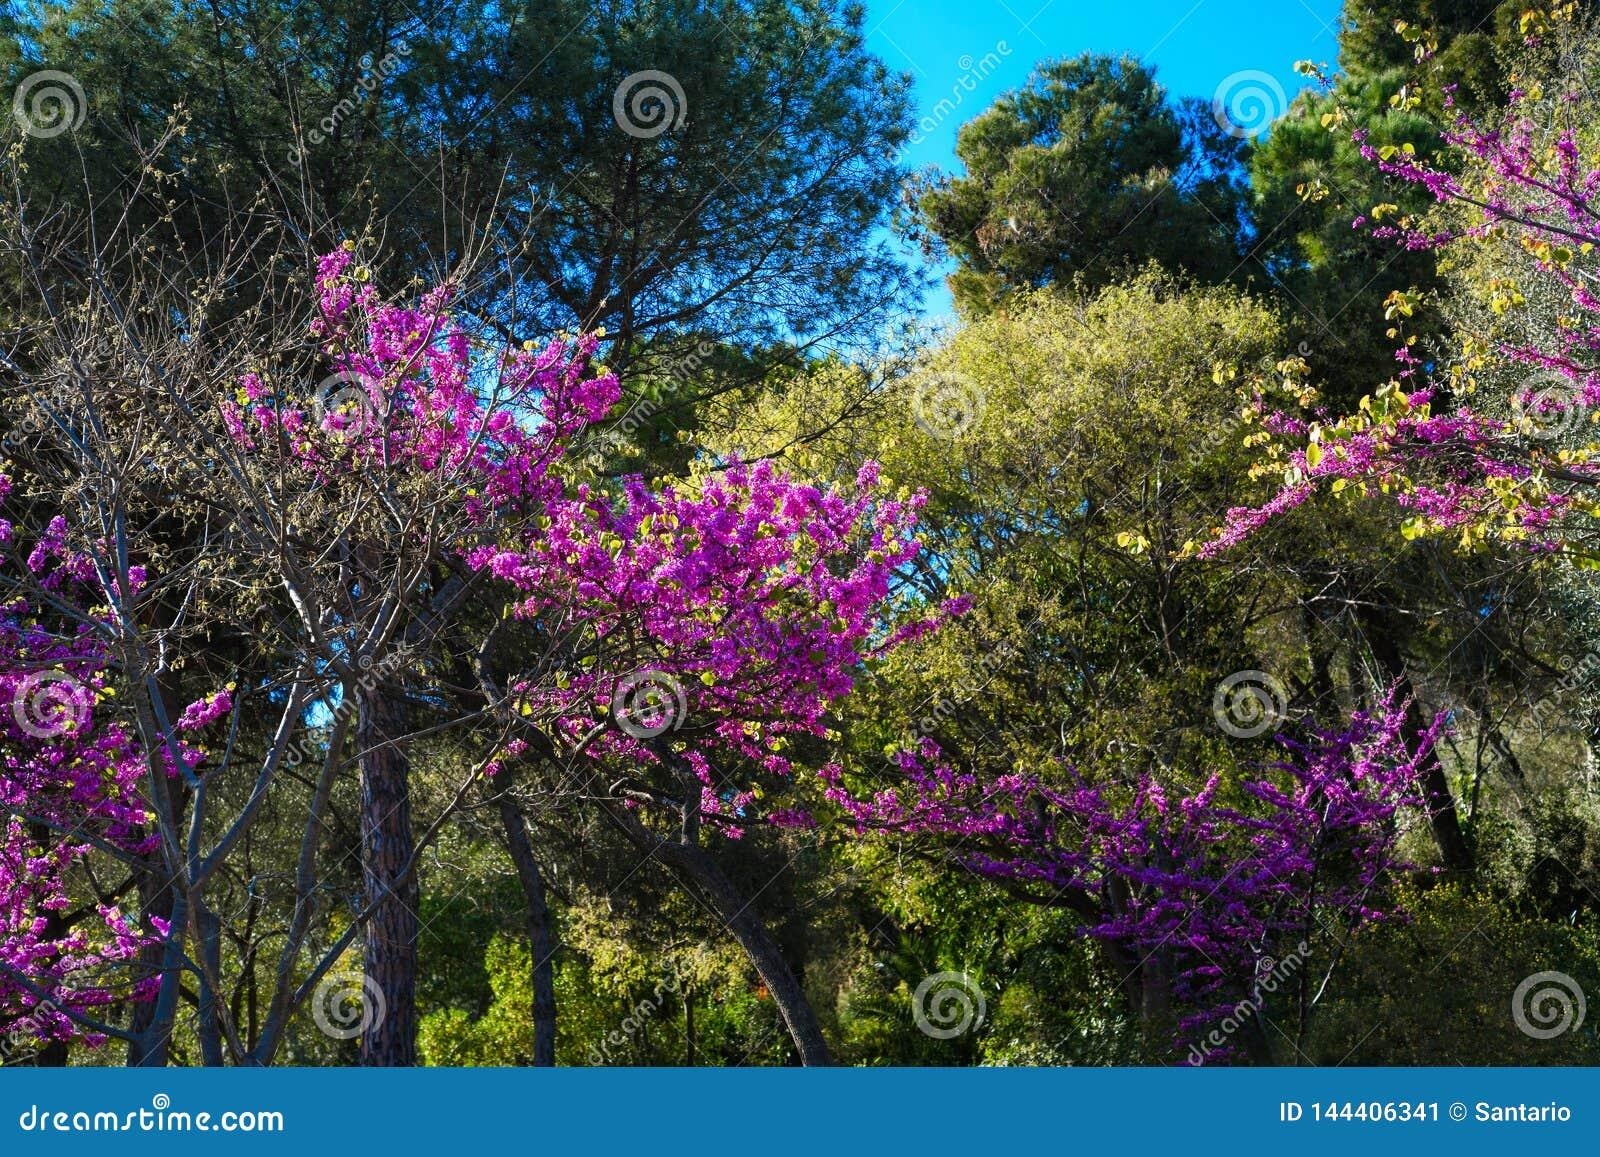 Jardim de florescência bonito com rosa, flores fúcsia, roxas